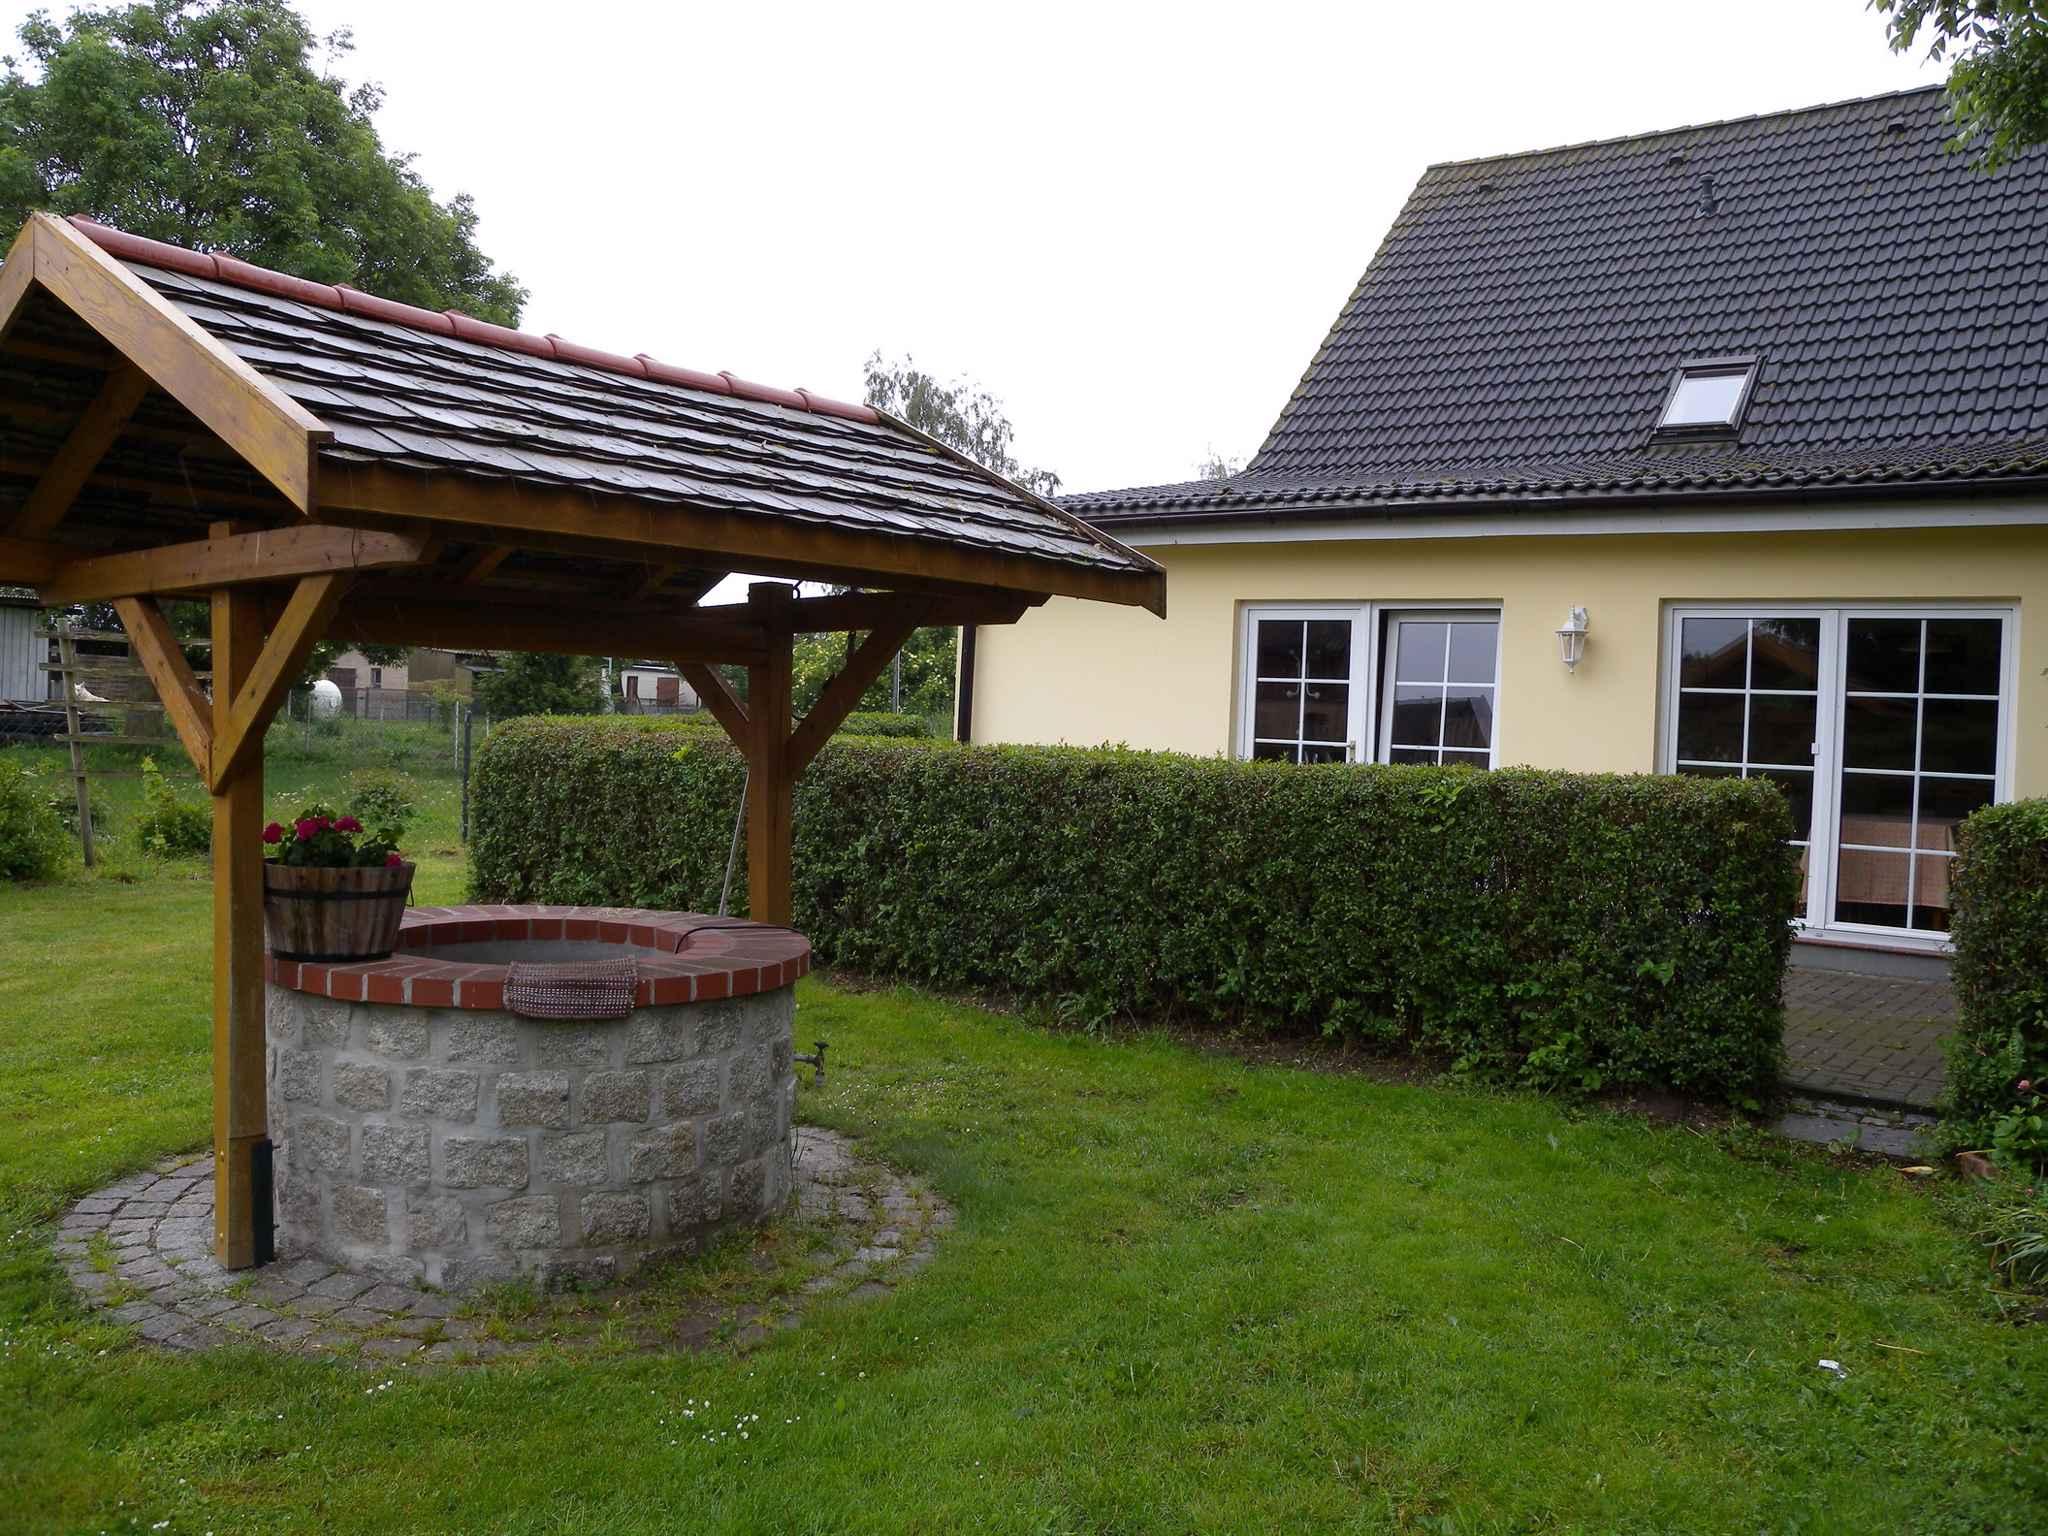 Ferienwohnung Ferienzimmer mit Terrassennutzung (342080), Löbnitz, Ostseeküste Mecklenburg-Vorpommern, Mecklenburg-Vorpommern, Deutschland, Bild 2